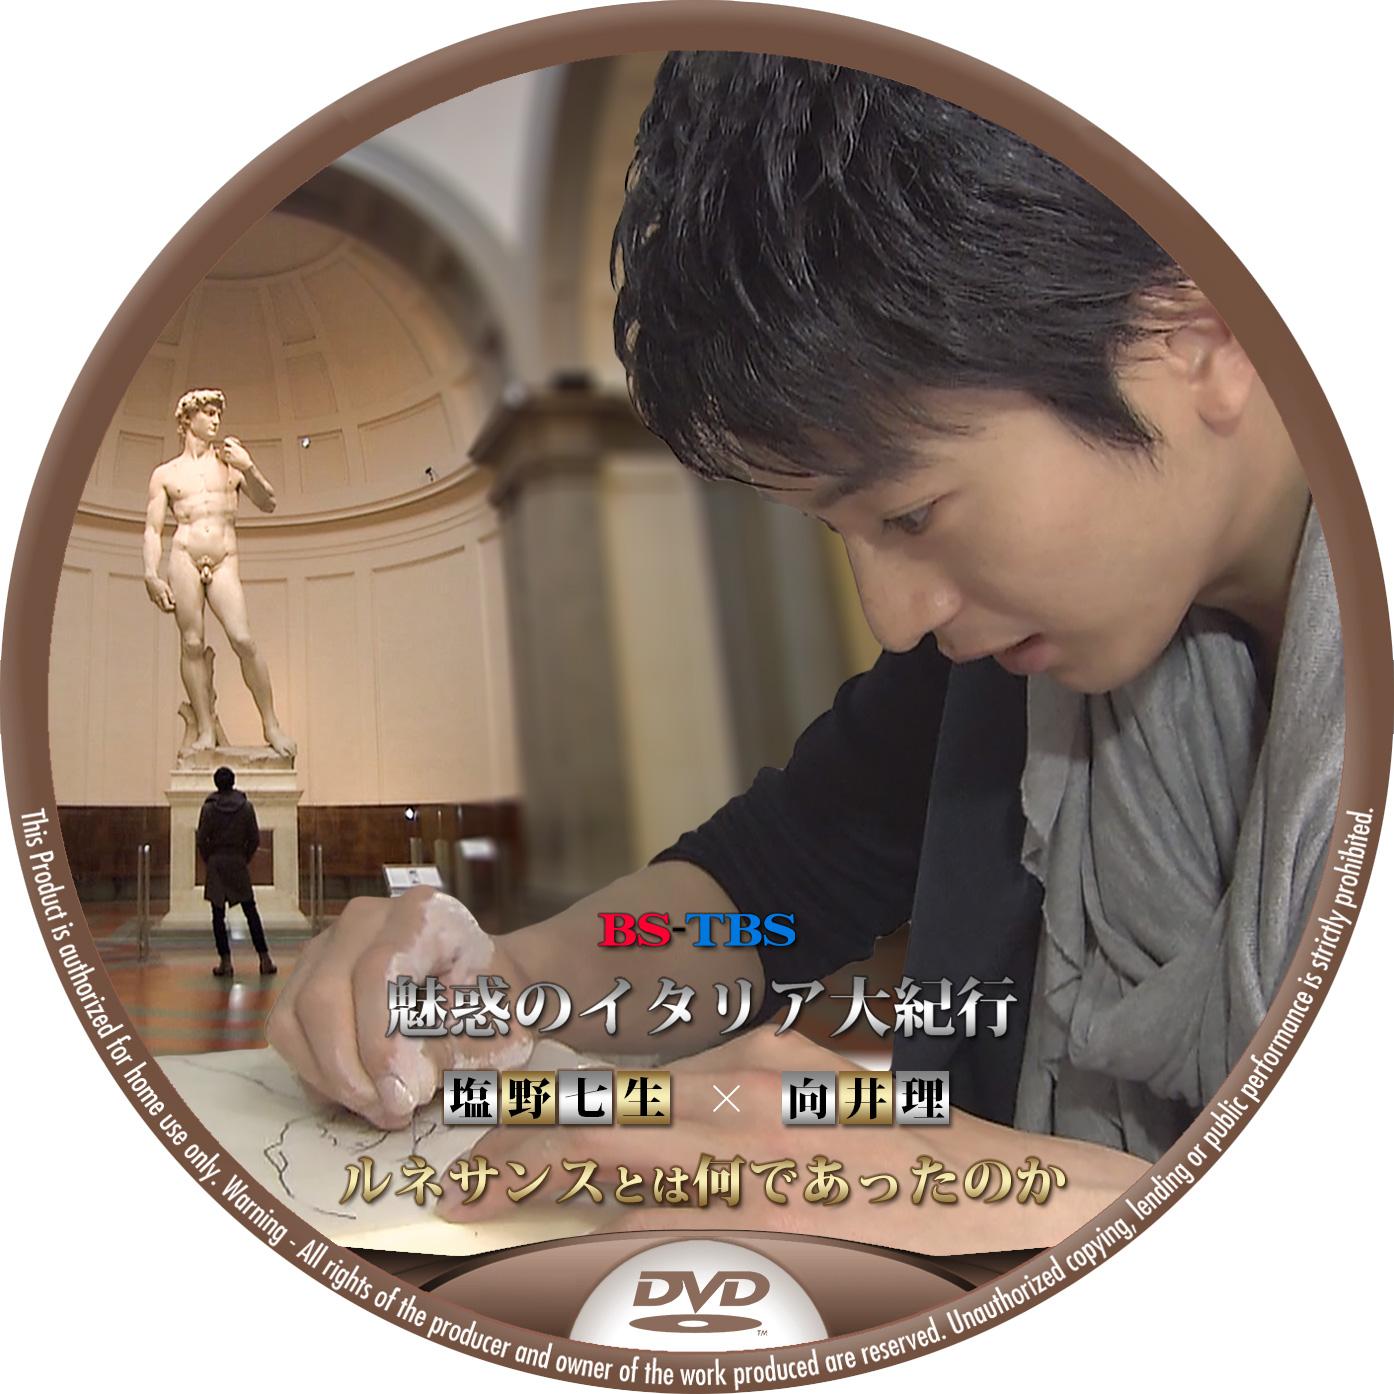 ルネサンズ 向井理 DVDラベル